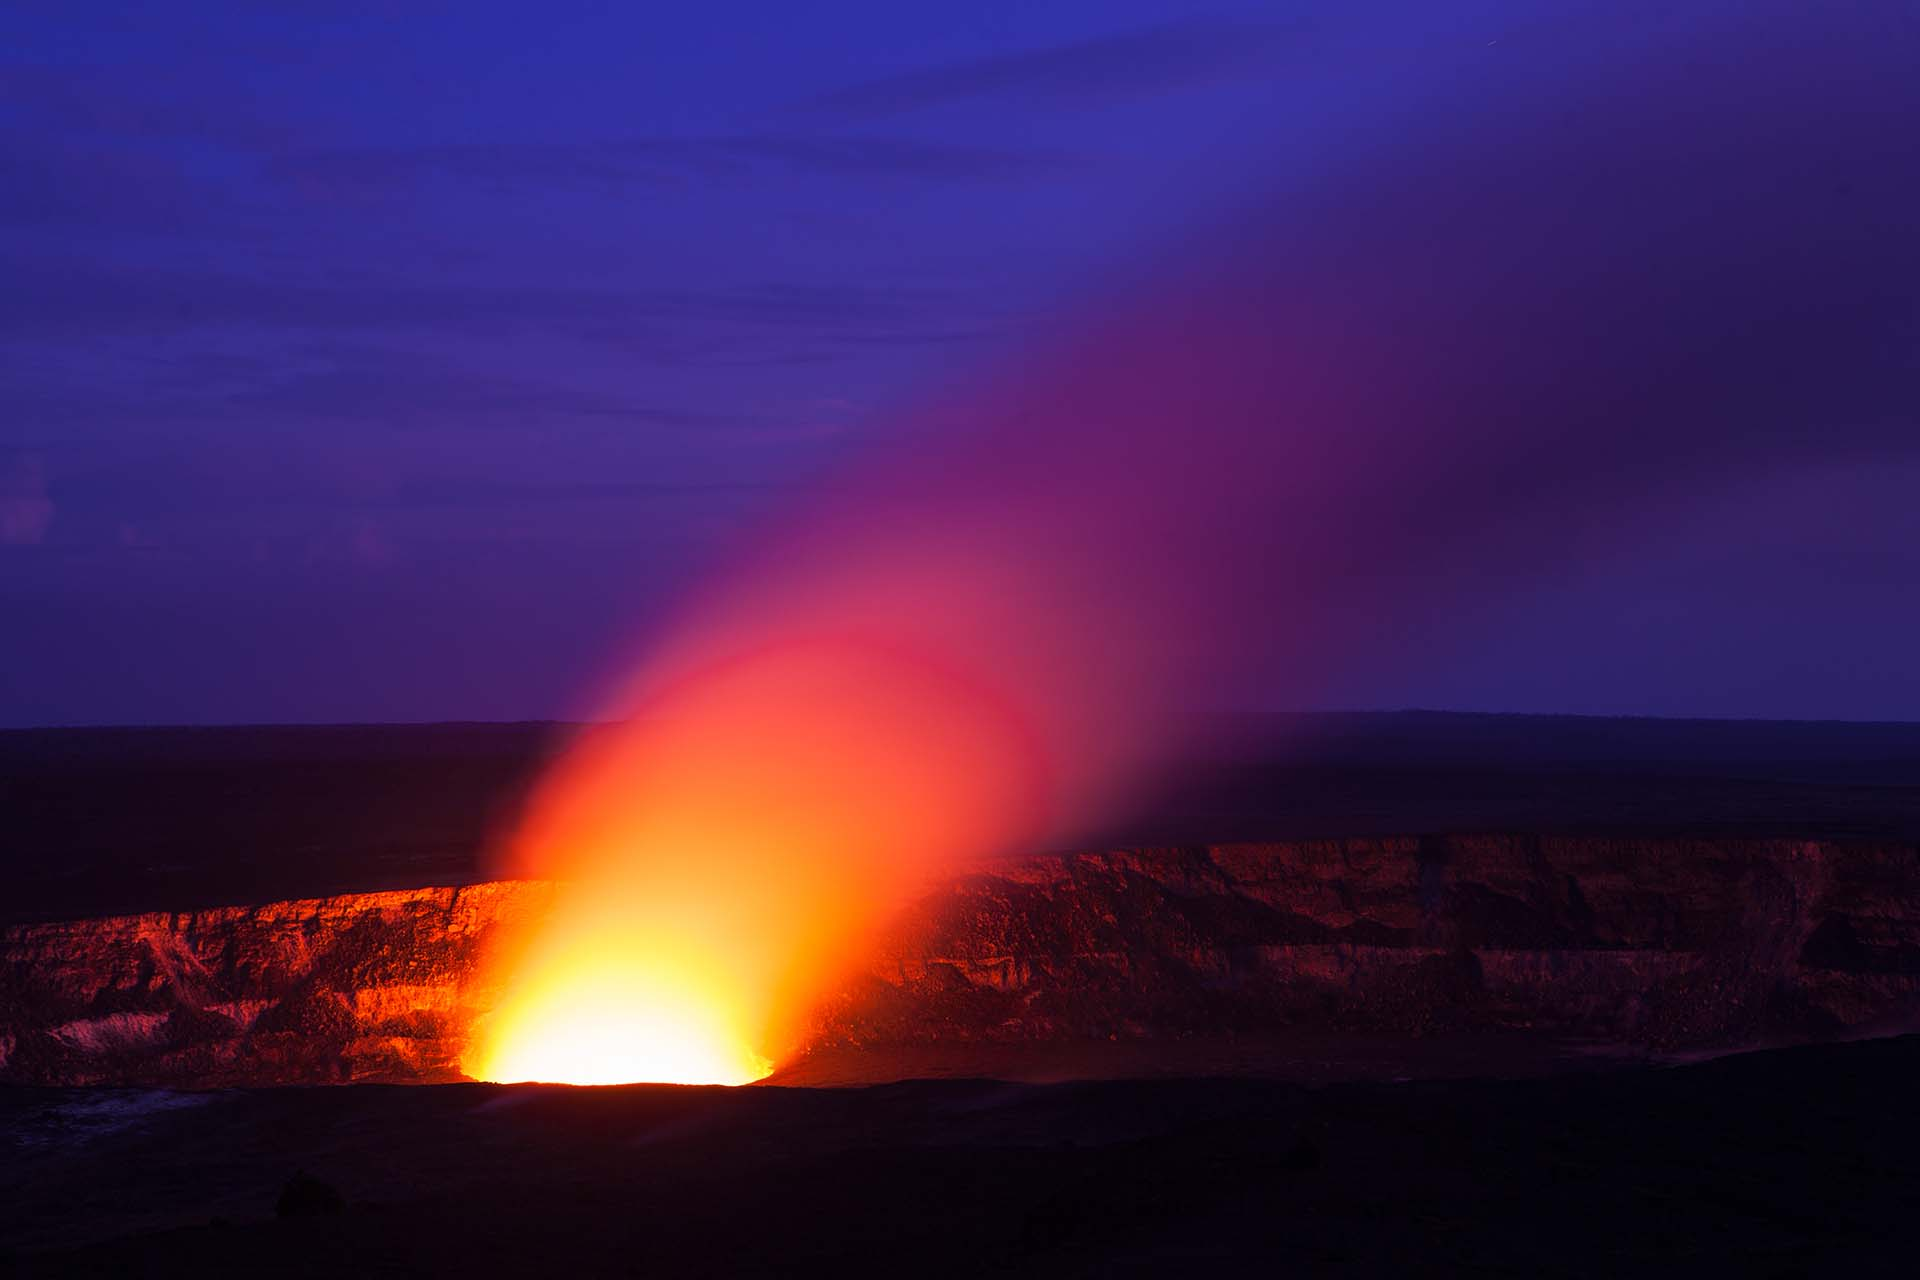 """Es la masa volcánica más activa del mundo. Está ubicado en Hawái, y es más activo de los cinco volcanes que conforman la isla. Desde 1983, Kilauea ha estado en erupción constantemente, y según Volcano Discovery, es una de """"las erupciones más longevas conocidas en la Tierra"""""""